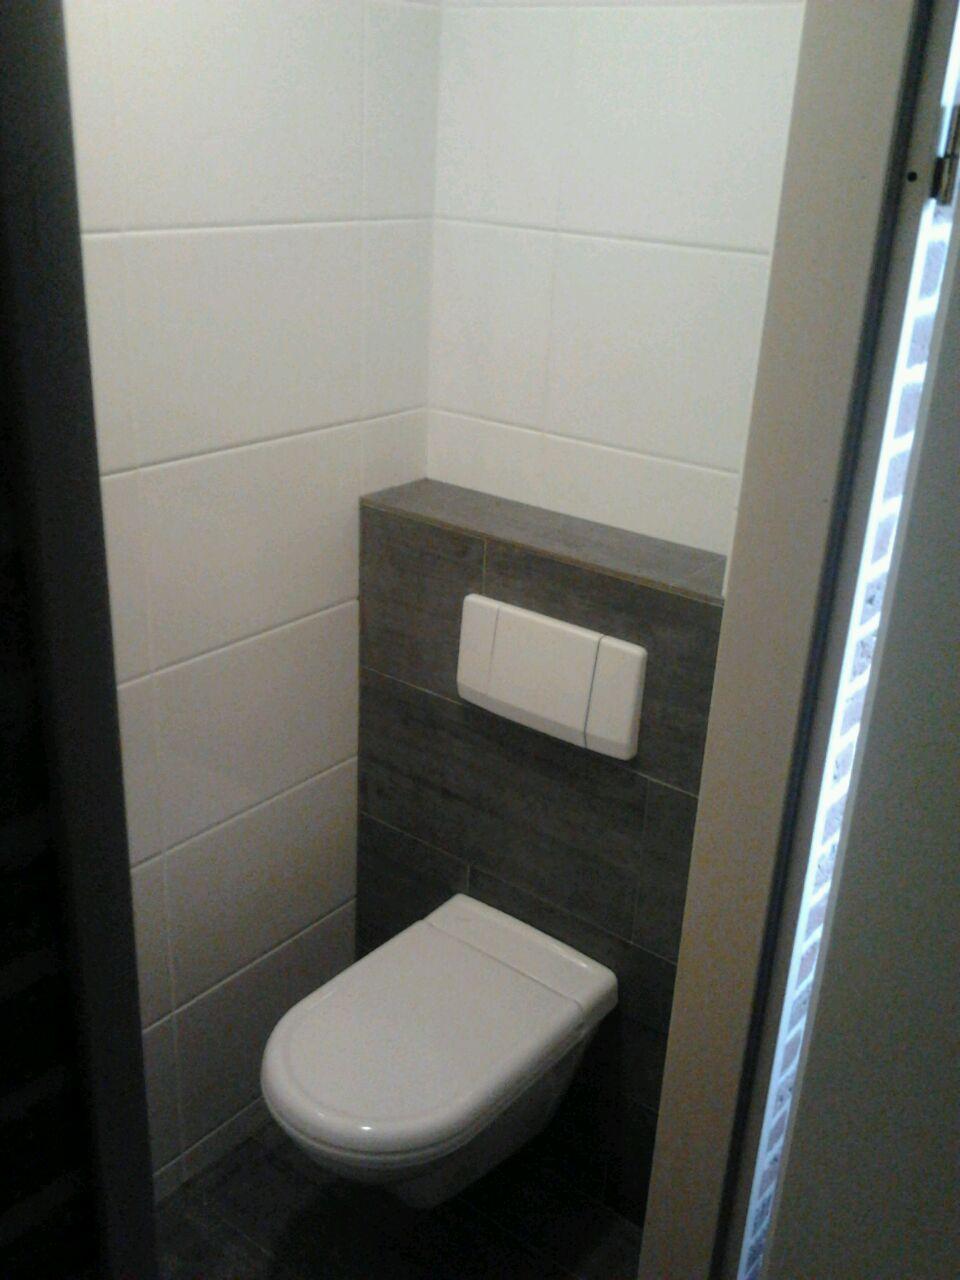 Toilet opnieuw betegeld